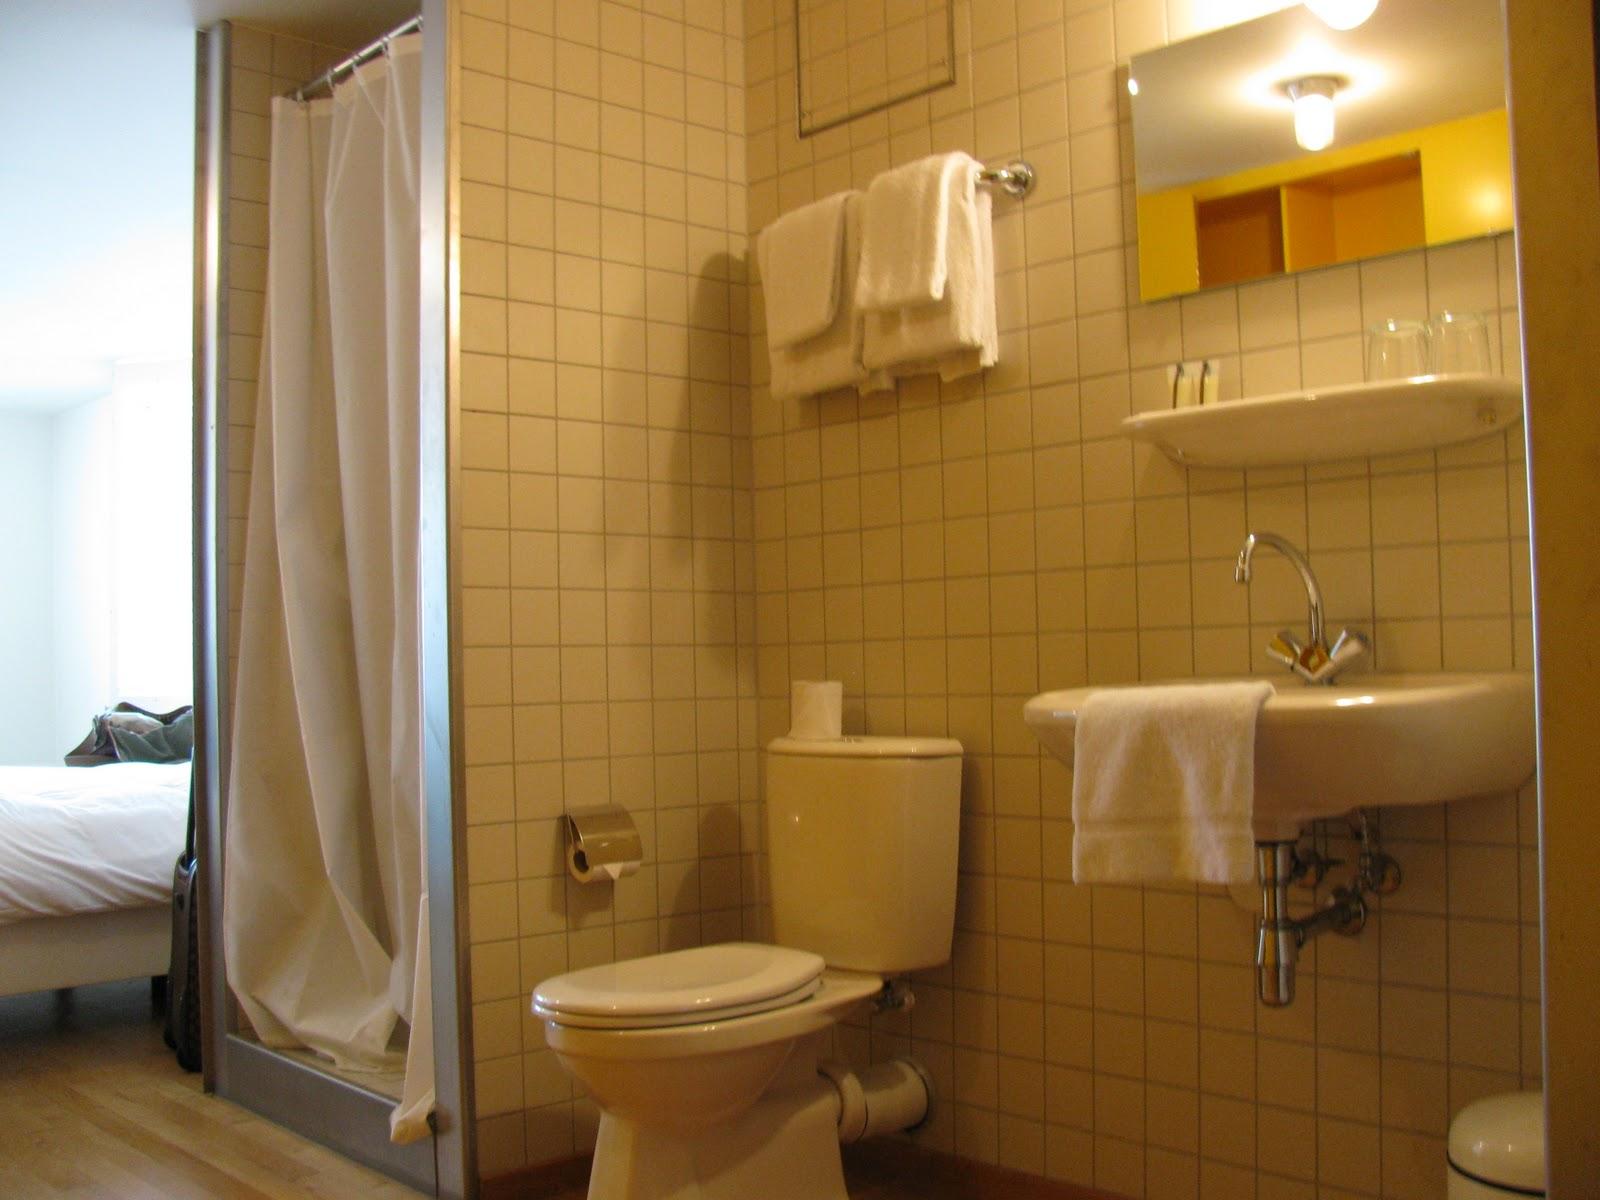 do banheiro. Azulejo 10x10 branco armário amarelo gema e pia solta #BC920F 1600x1200 Banheiro Com Azulejo Amarelo